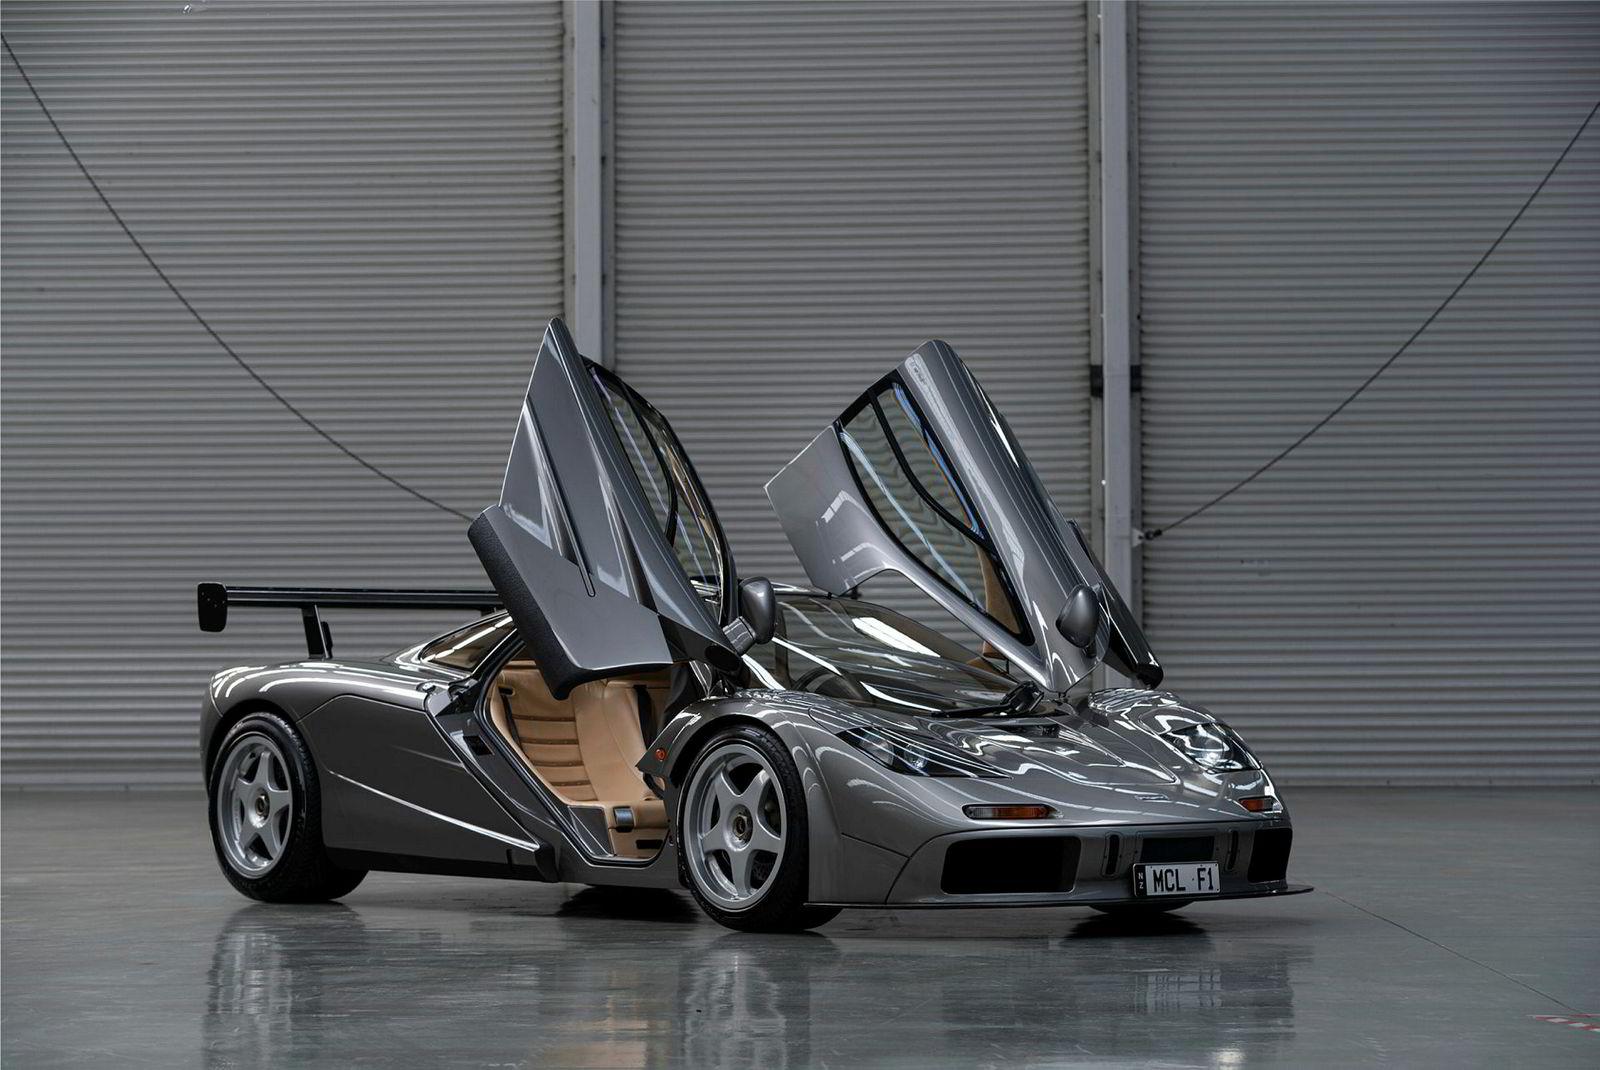 Denne McLaren F1 LM Spesification har en prisindikasjon på mellom 189 og 207 millioner kroner.